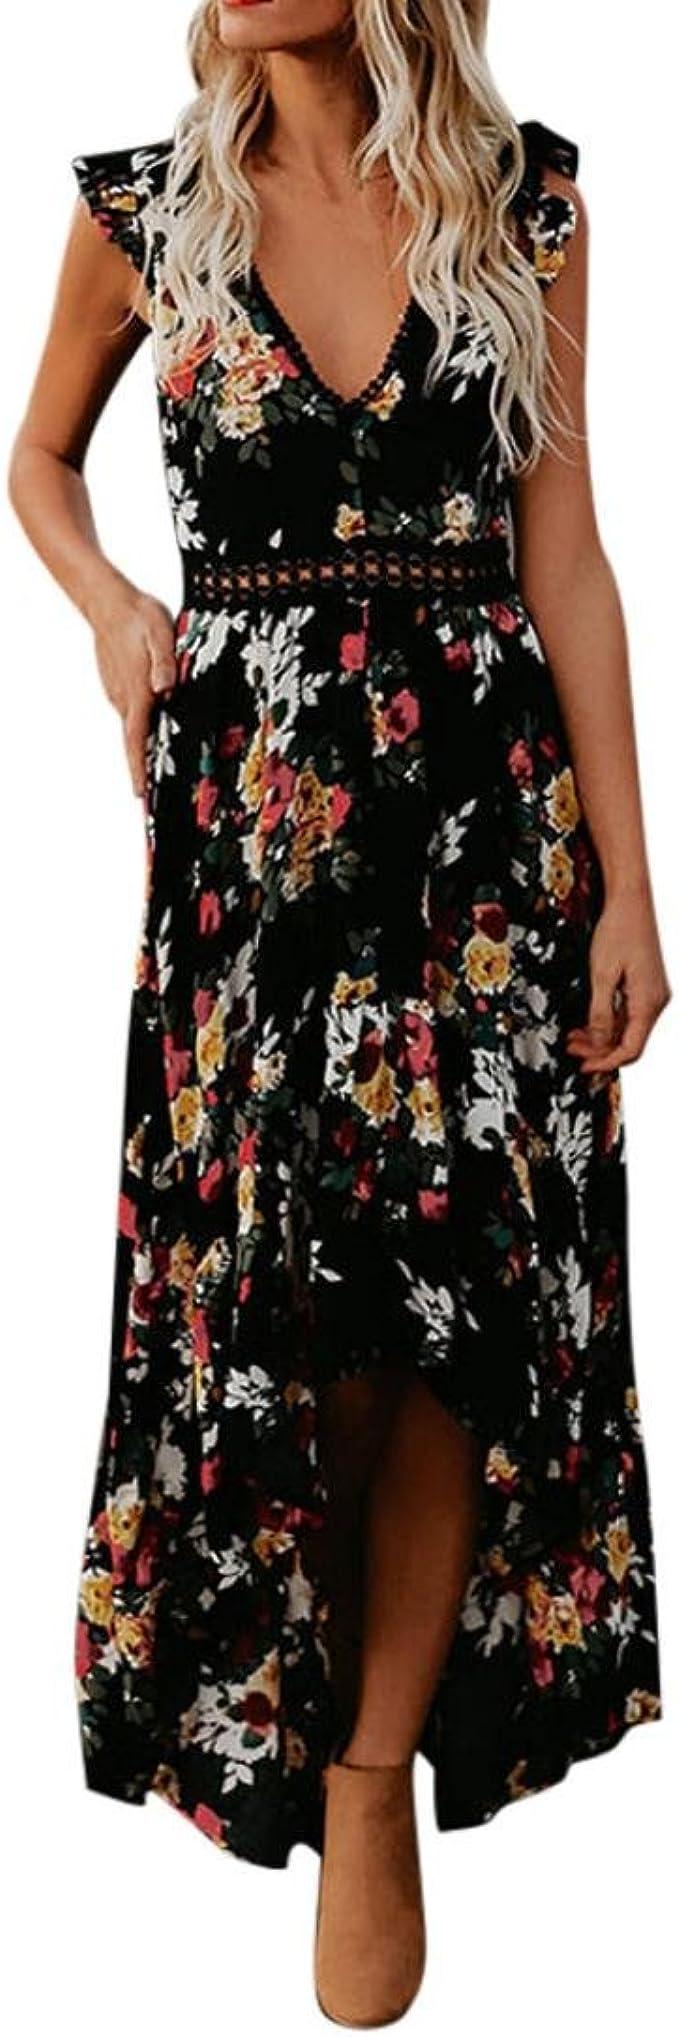 Vestidos Mujer Verano 2018,Mujeres sexy estampado floral ajustable sin mangas de encaje-up Split Maxi vestido largo LMMVP (C, L)